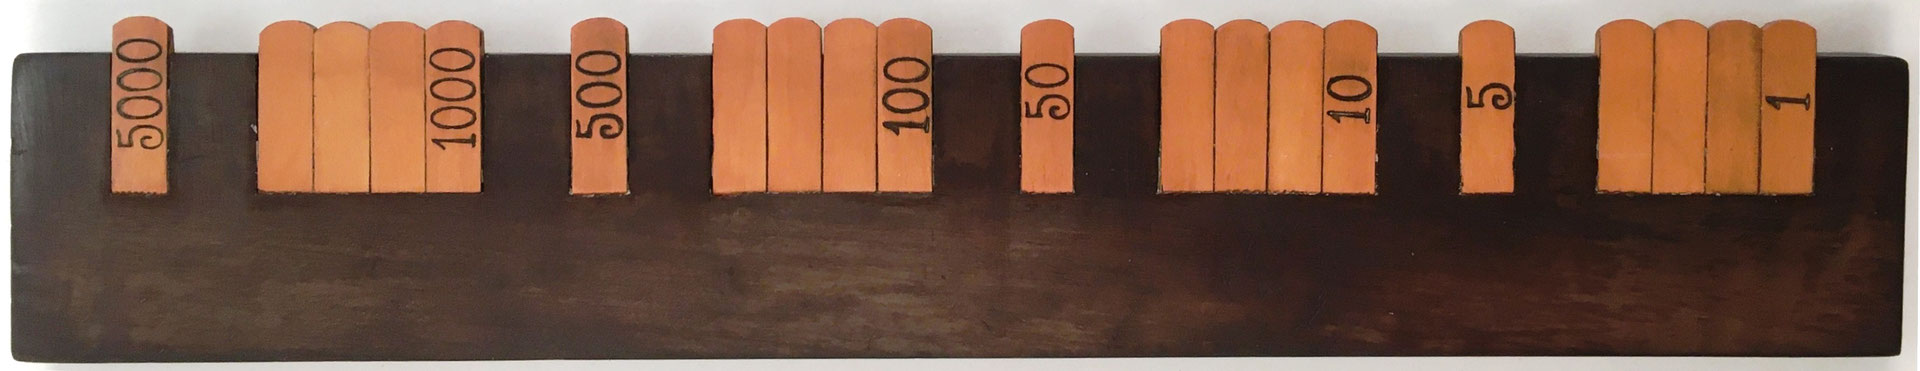 Anotador de puntuación recto para el juego de cartas BEZIQUE, 27.5X5 cm